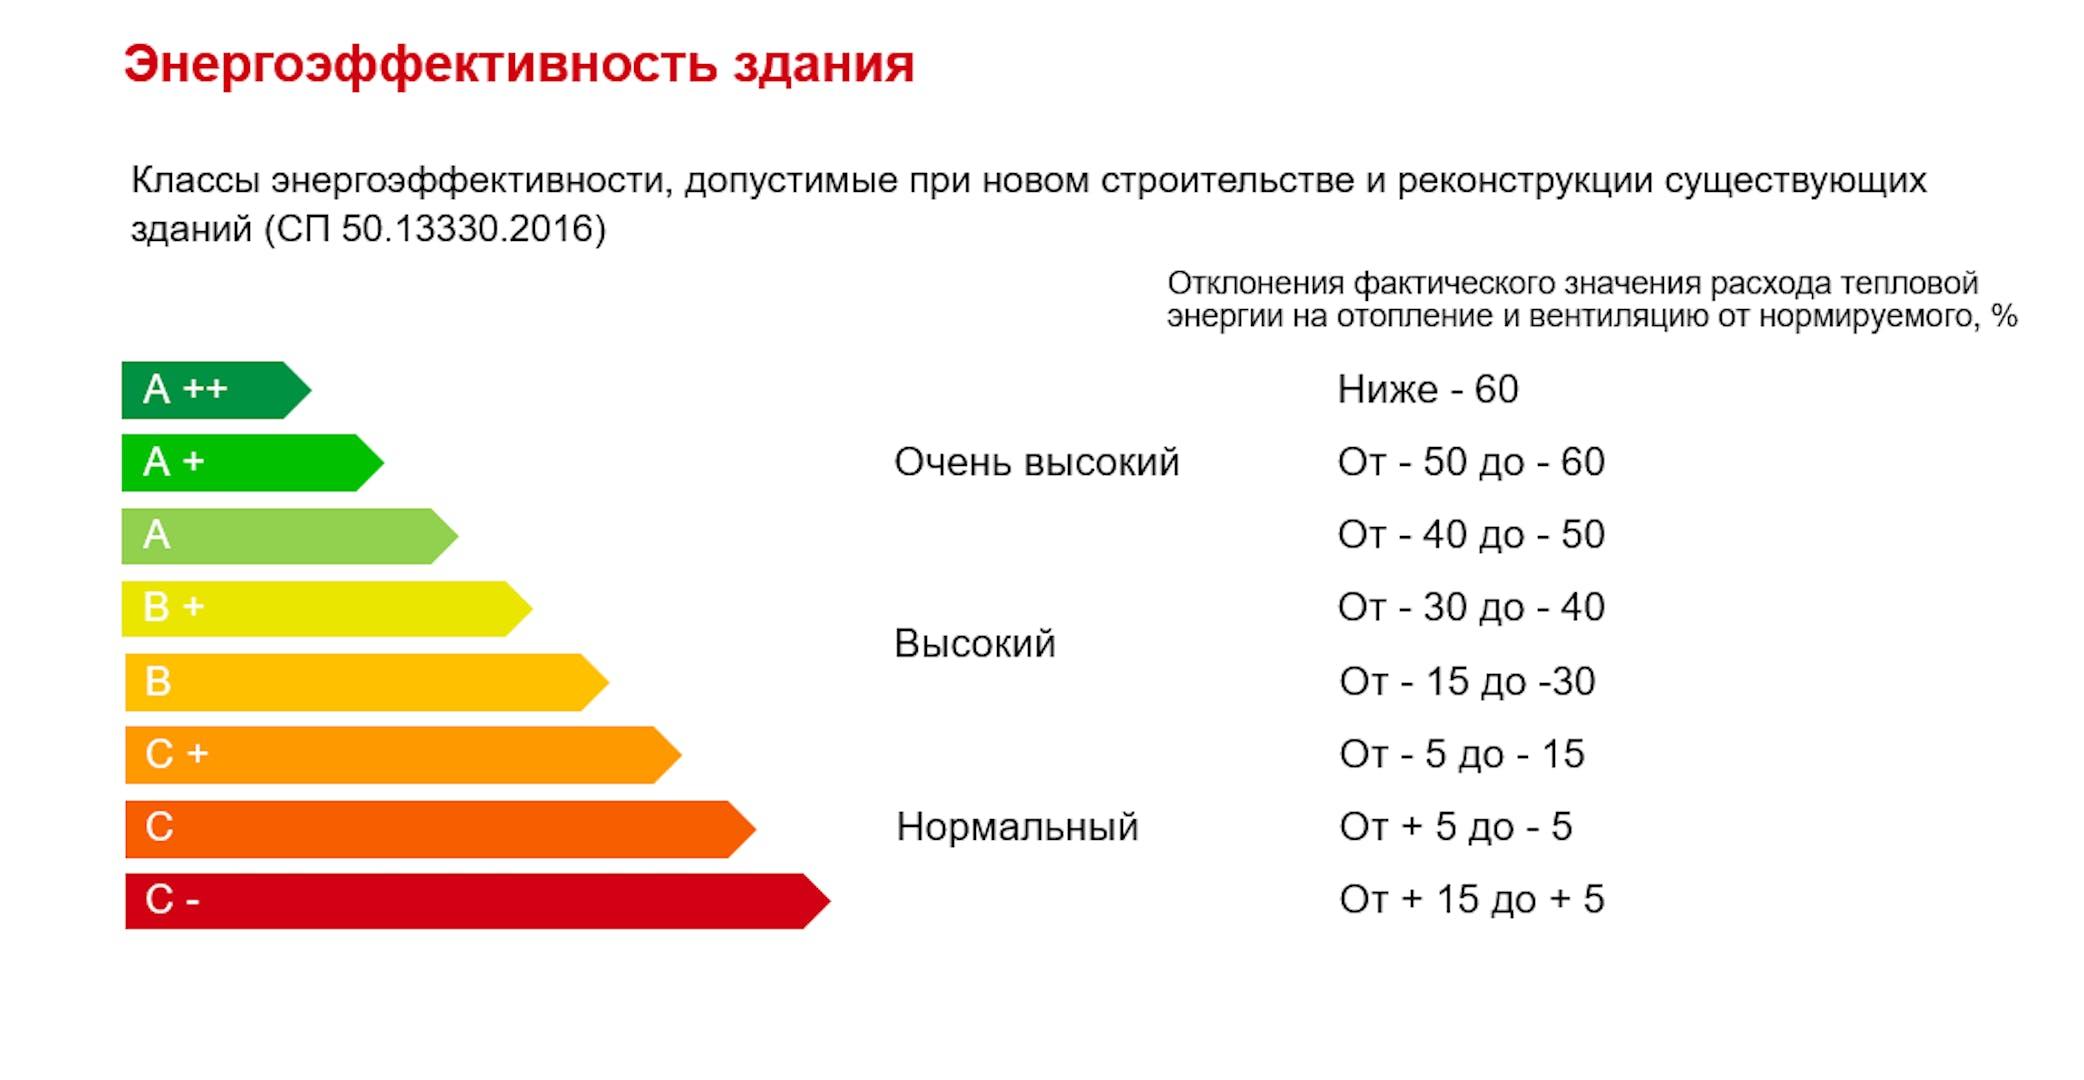 20202707 RW-RUS ILLU 202